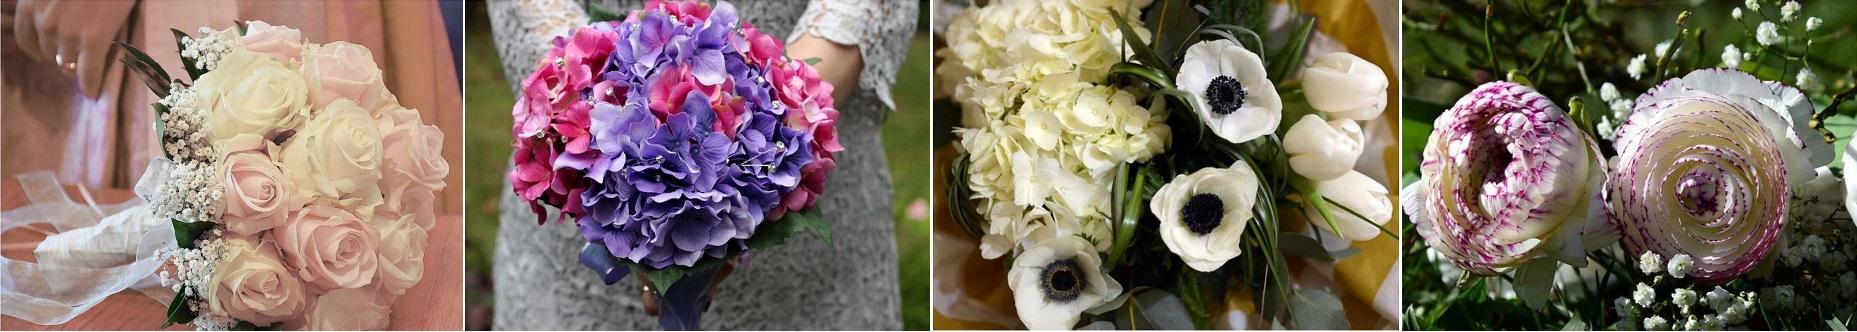 Chicago wedding bouquet 2020